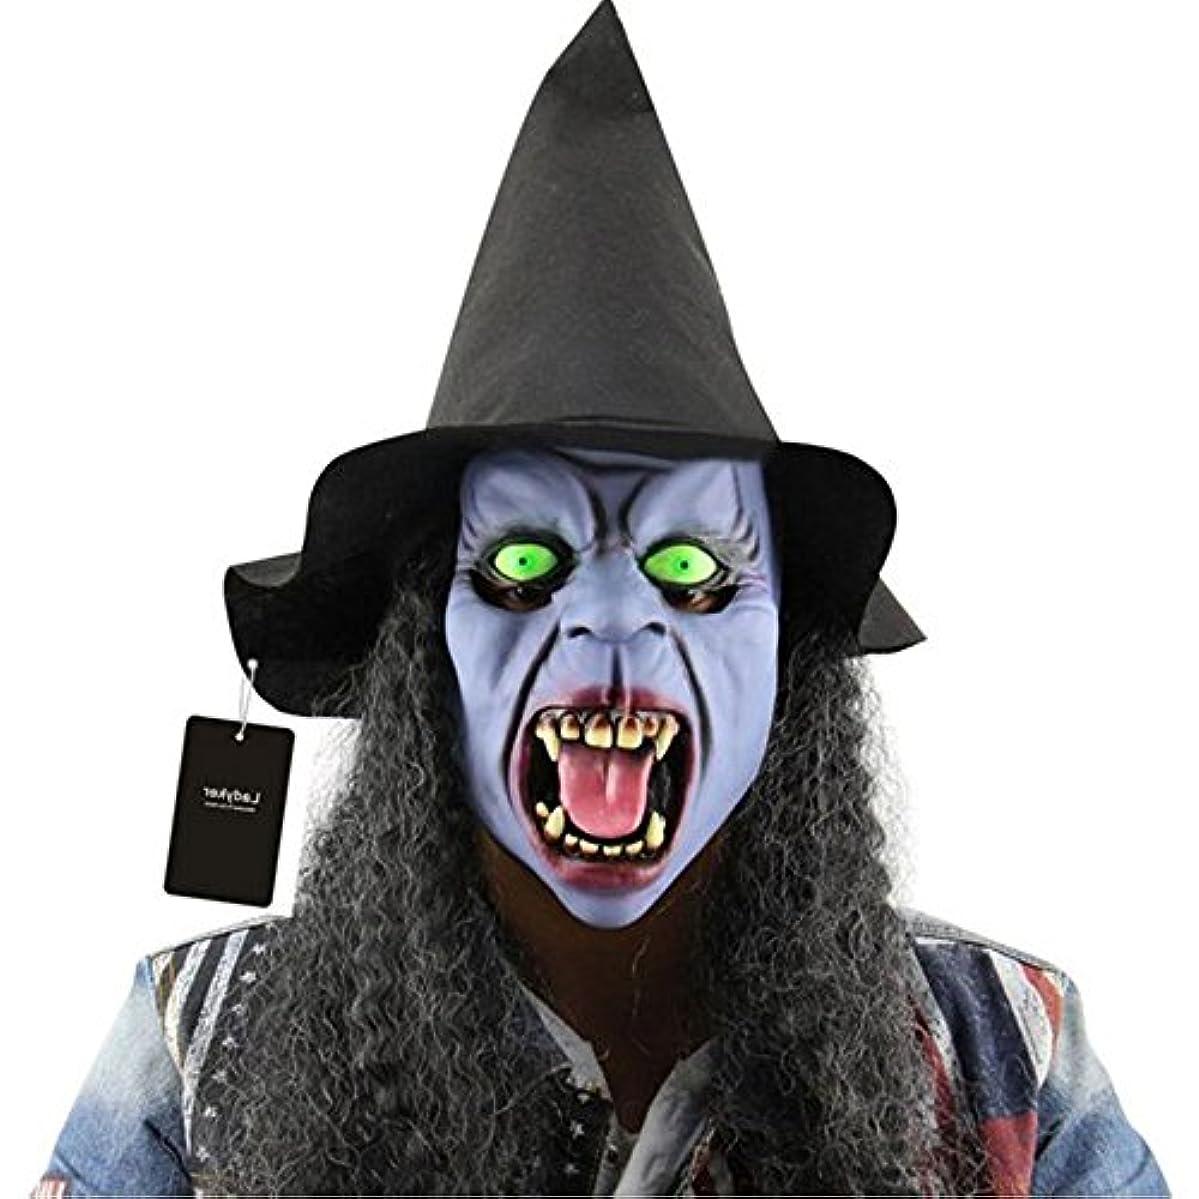 のハンサム社員Auntwhale ハロウィーンマスク大人恐怖コスチューム、ホラー夜の魔女ファンシーマスカレードパーティハロウィンマスク、フェスティバル通気性ギフトヘッドマスク